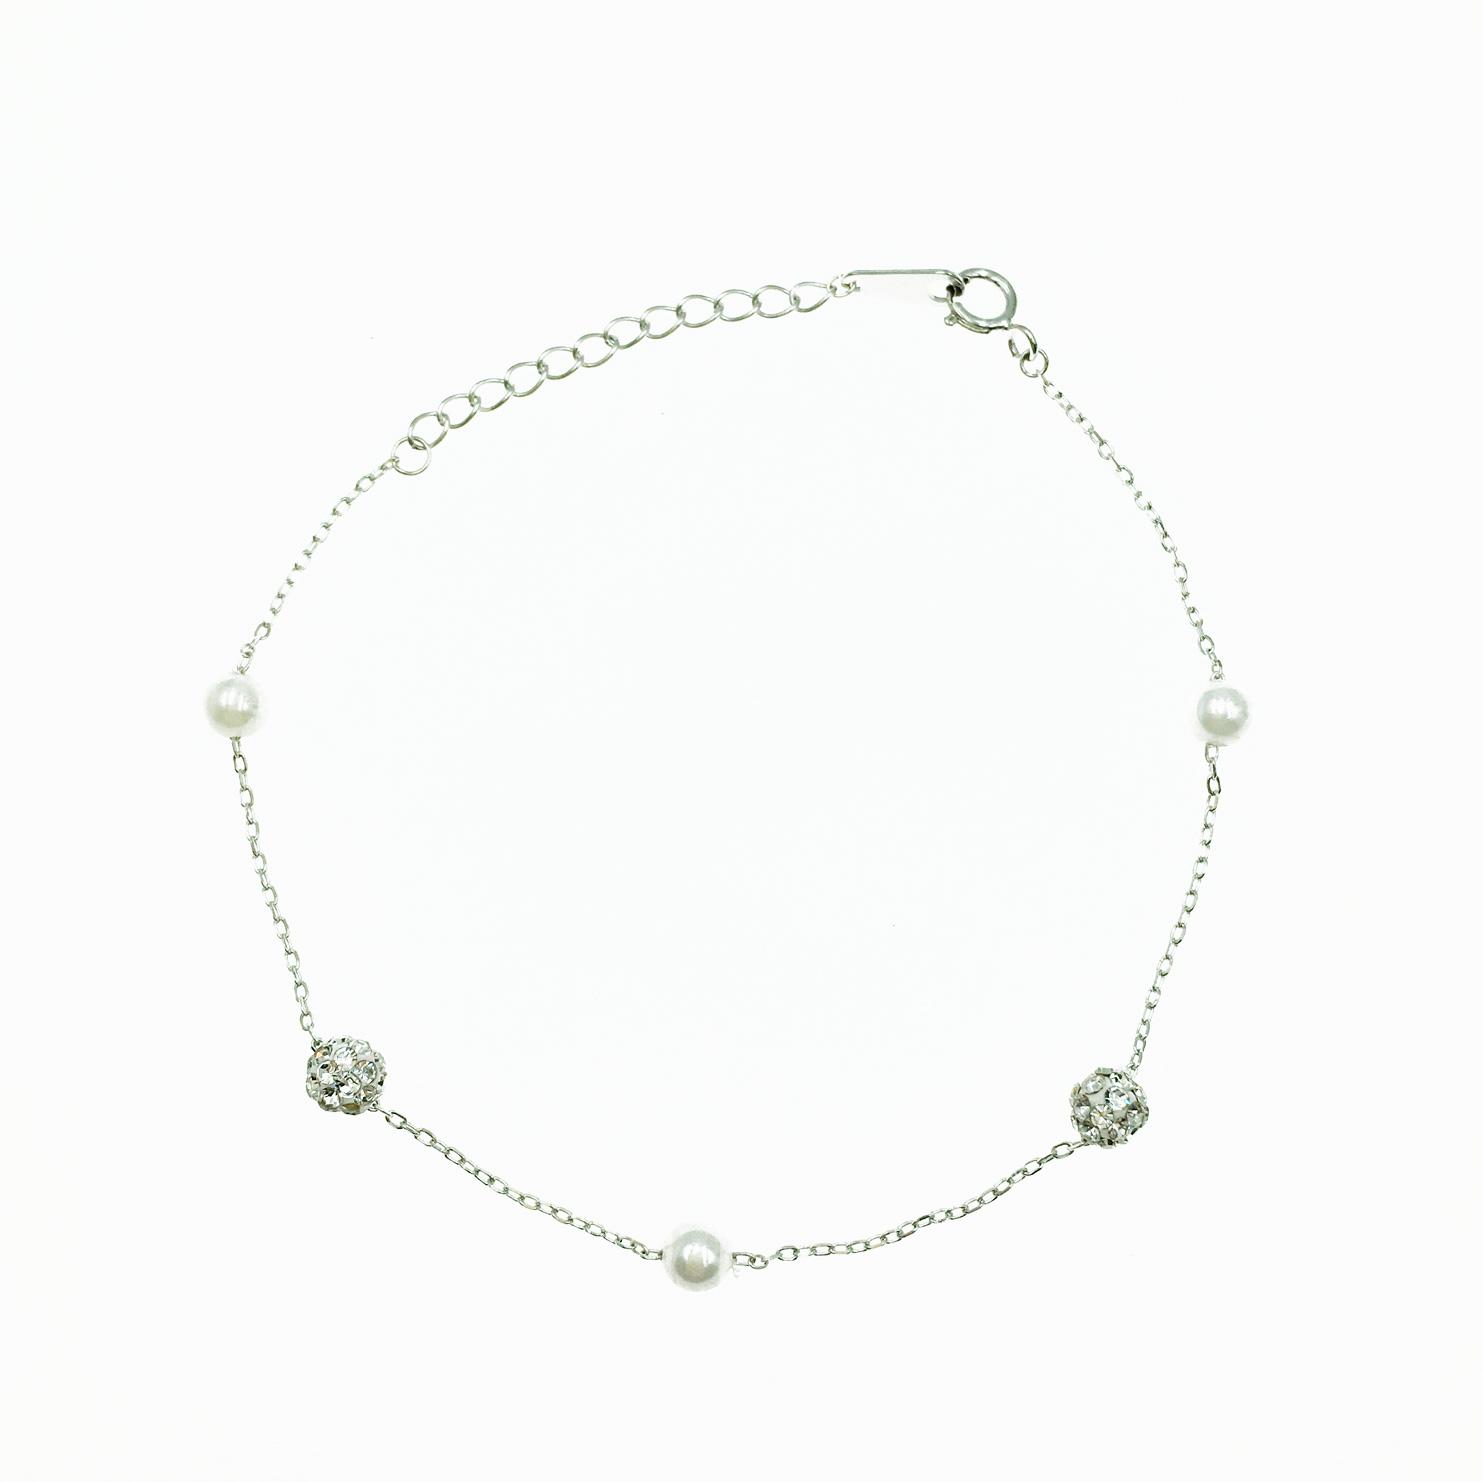 韓國 925純銀 水鑽 立體球形 珍珠 氣質甜美款 質感 手飾 手鍊